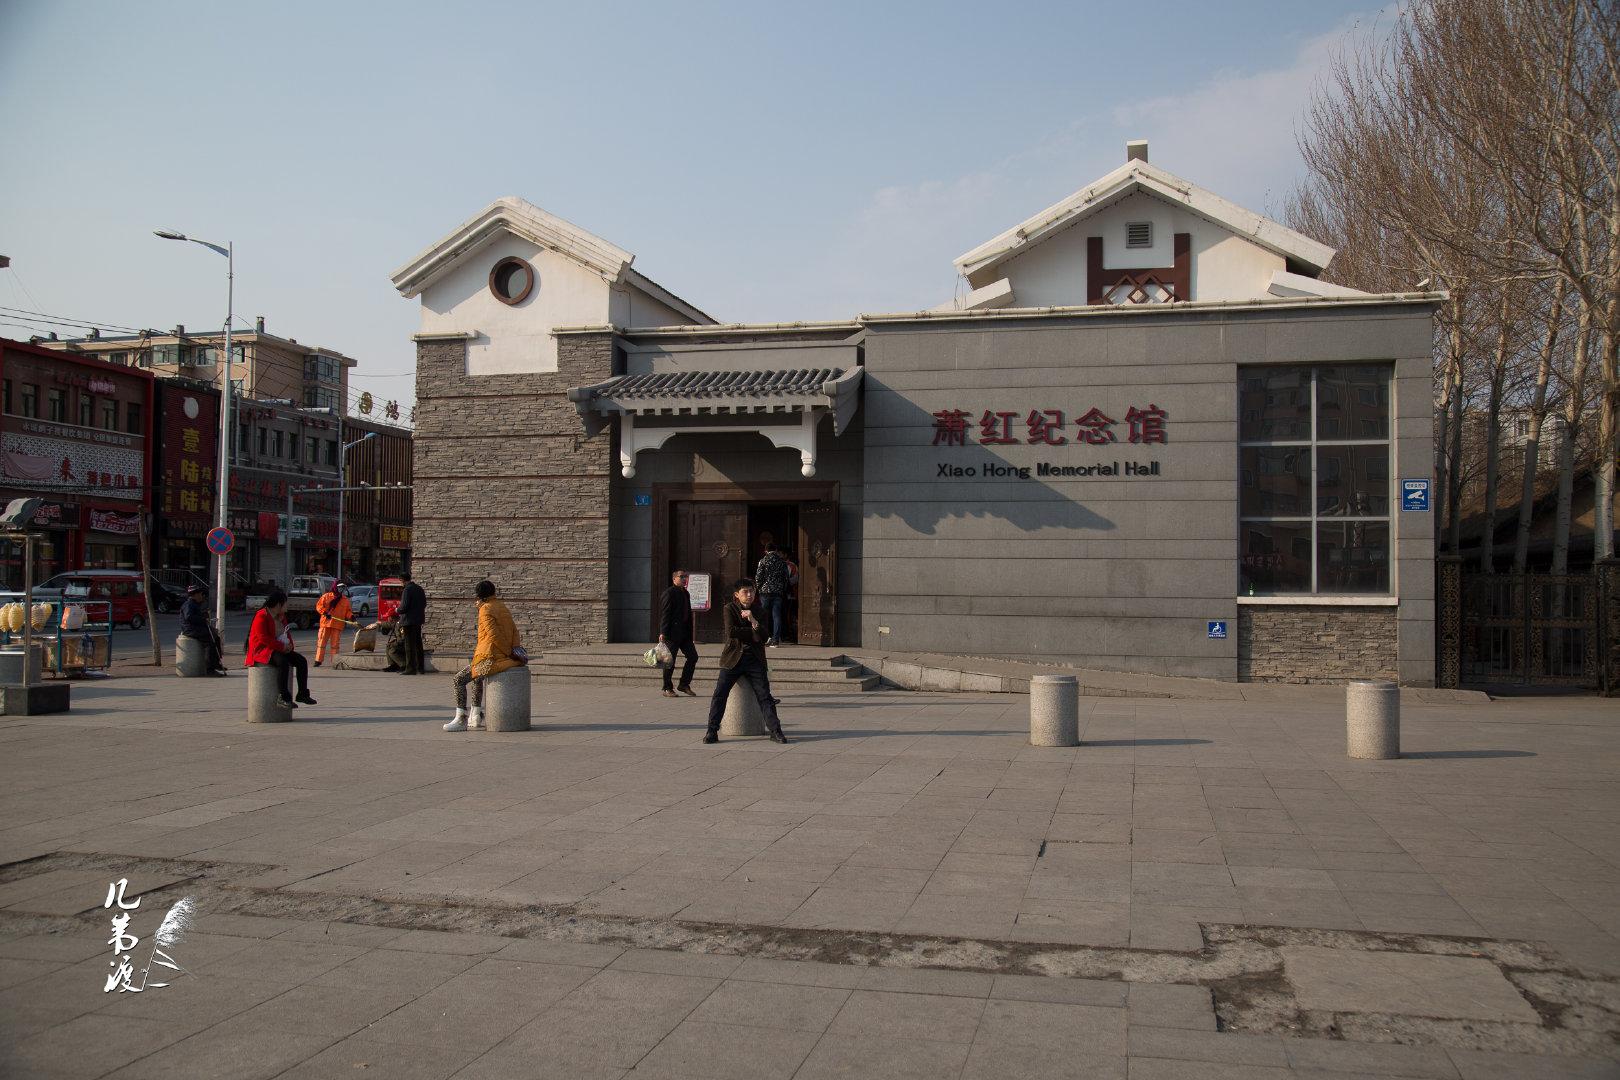 哈尔滨呼兰区 萧红纪念馆